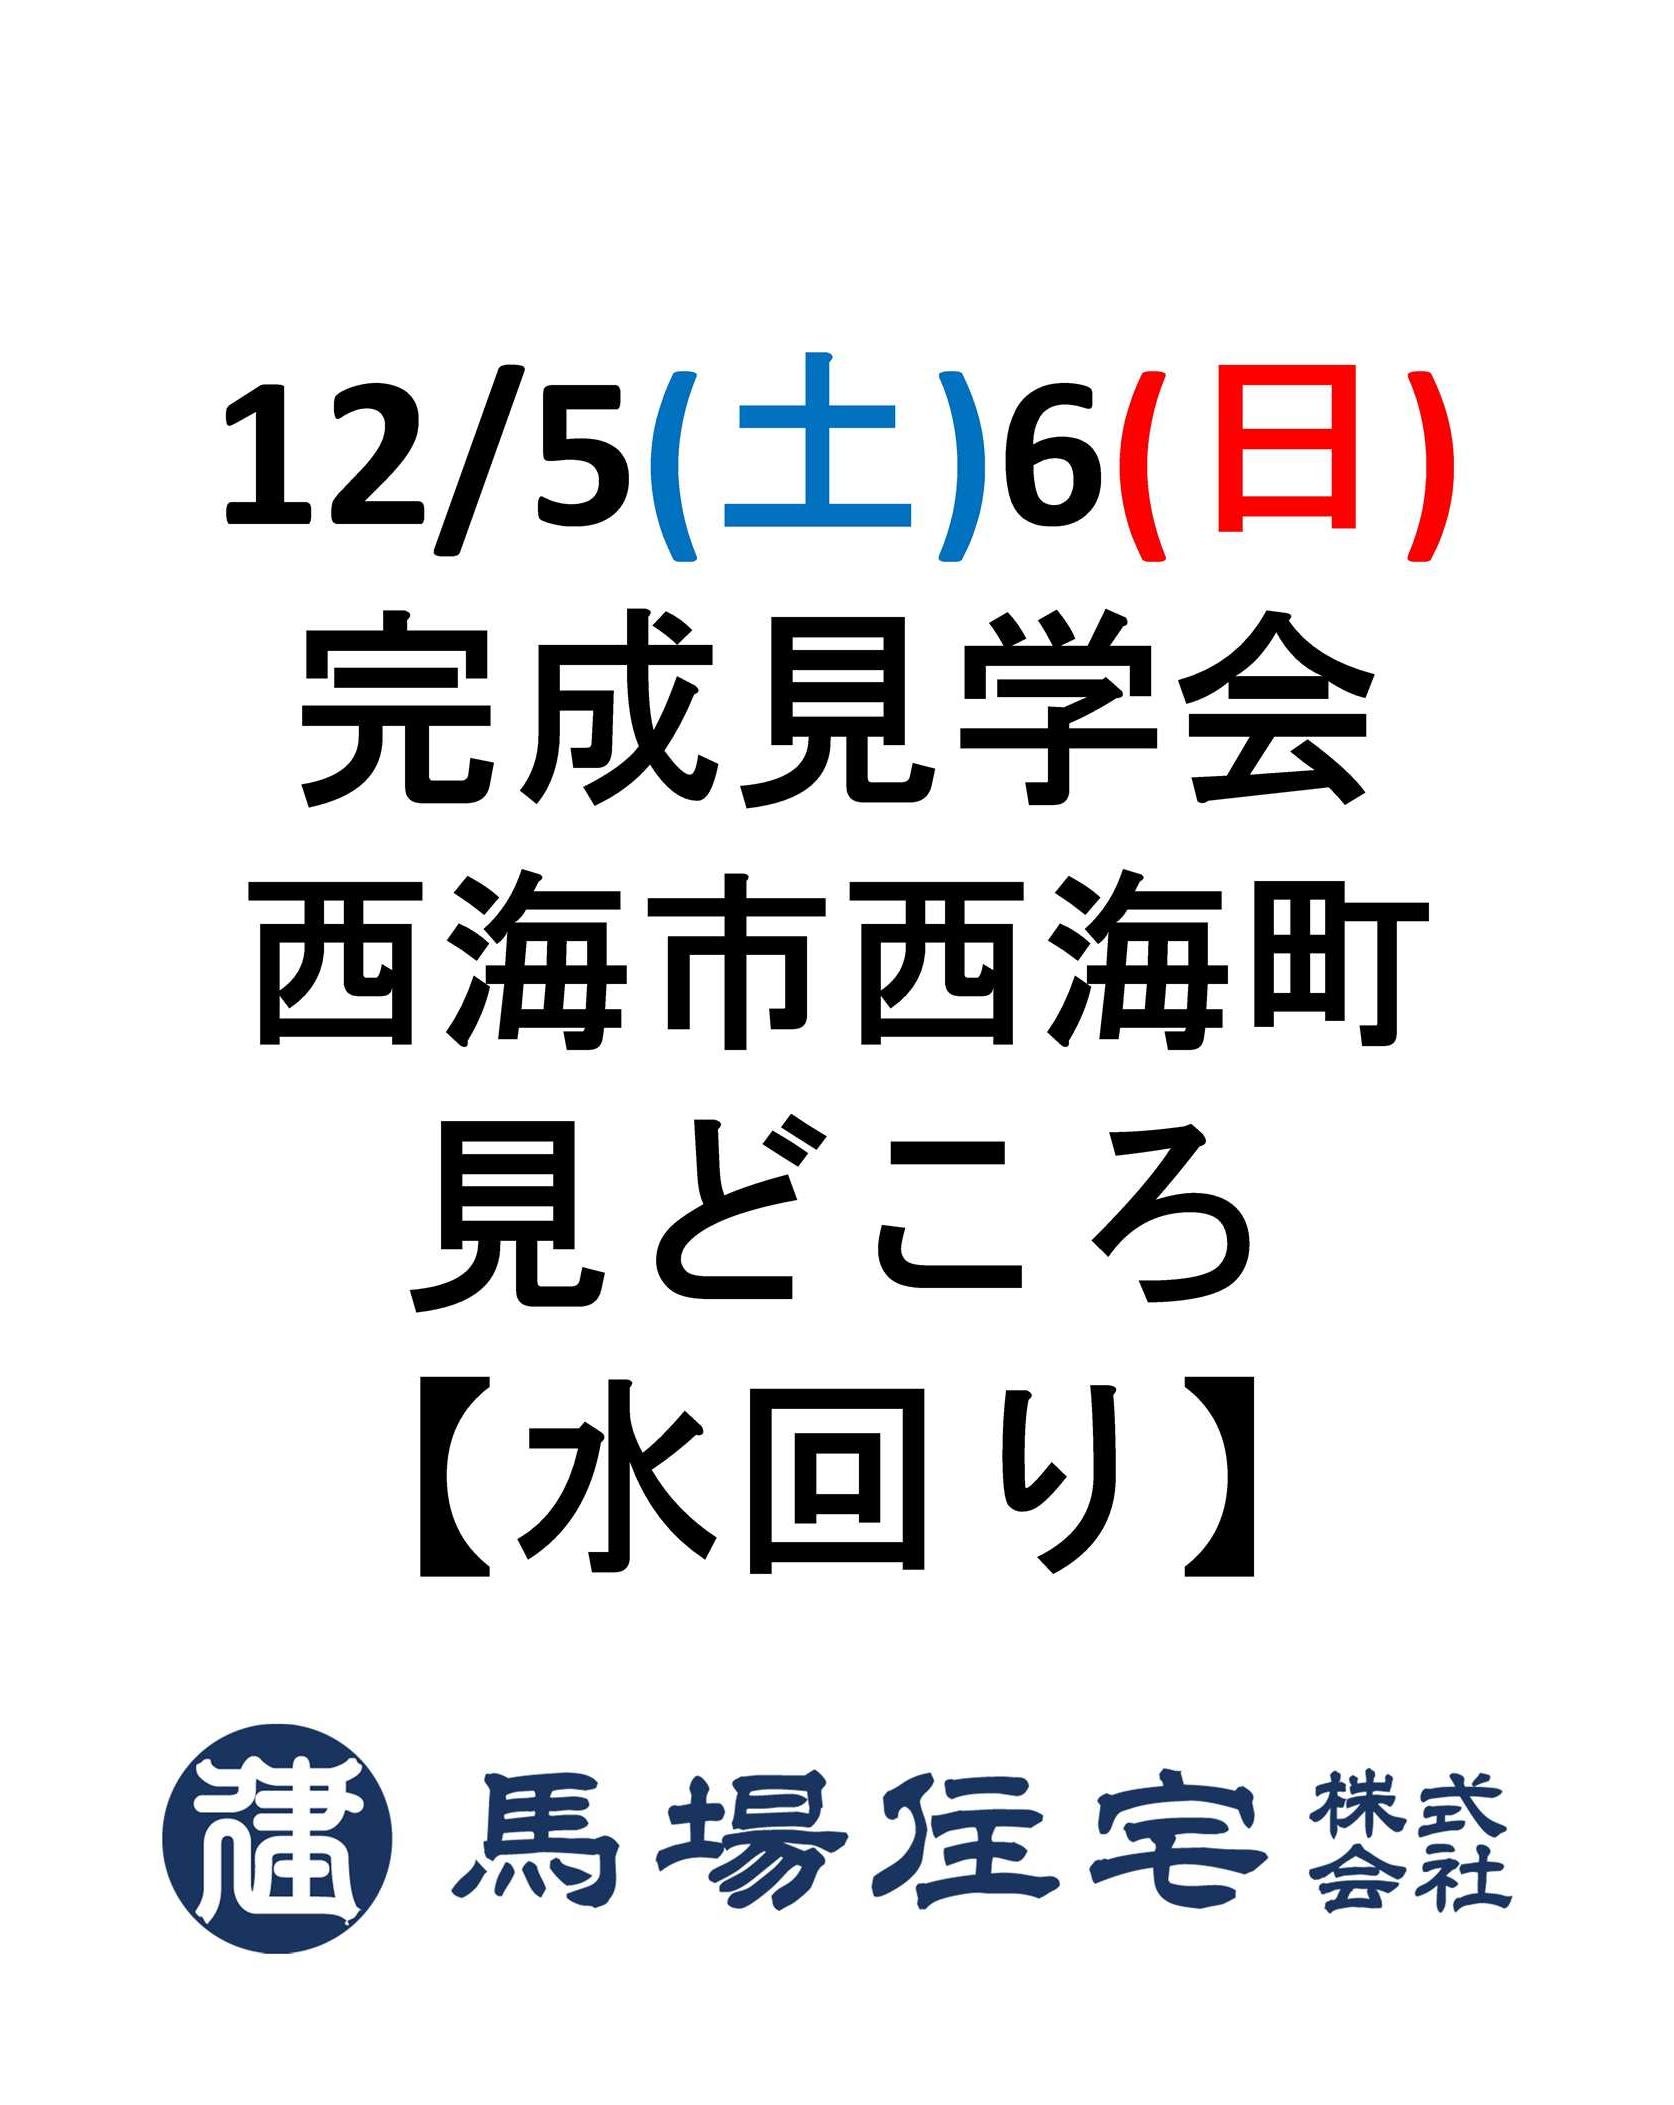 [insta]2020年最後の見学会12/5(土)6(日)西海市西海町ー ー ー ー ー ー ー ー ー ー ー ー ー ー ー【水回り】洗面室は脱衣室と分けて配置トイレは広めに計画馬場住宅株式会社長崎県大村市中里町418-14TEL 0957-54-3324メール info@babajuutaku.com@babajuutaku#babajuutakuホームページ【馬場住宅 】で 検索HPにも施工例あります。私たち#馬場住宅 は#長崎県 #大村市 の#工務店 です。施工エリアは長崎県内全域にて#新築 #注文住宅 #一戸建て を中心に建ててます。みなさんの夢の#マイホーム を造っている会社です。最近では#リノベーション #リフォーム#古民家再生 #二世帯住宅 #平屋 の依頼を多く頂いています。馬場住宅が建てる家#社員大工 が造る3つのスタイルで建てています。#和洋折衷#優しい家 #安らぐ家#現代和風#現し #無骨 #板張り #無垢#純和風#和室 #床の間 #磨き丸太#zeh #長期優良住宅=================馬場住宅の家づくり小さな工務店ですが、大工20名は全員社員として在籍技術には定評があり木の家専門の大工工務店として地元に根強い会社です。性能と自然素材で安心安全と信頼の住まいをつくります。資料請求はインスタ又はHP内の「お問合せ」からどうぞ@babajuutakuホームページは【馬場住宅 】で 検索#安心のホーロー製といえば…